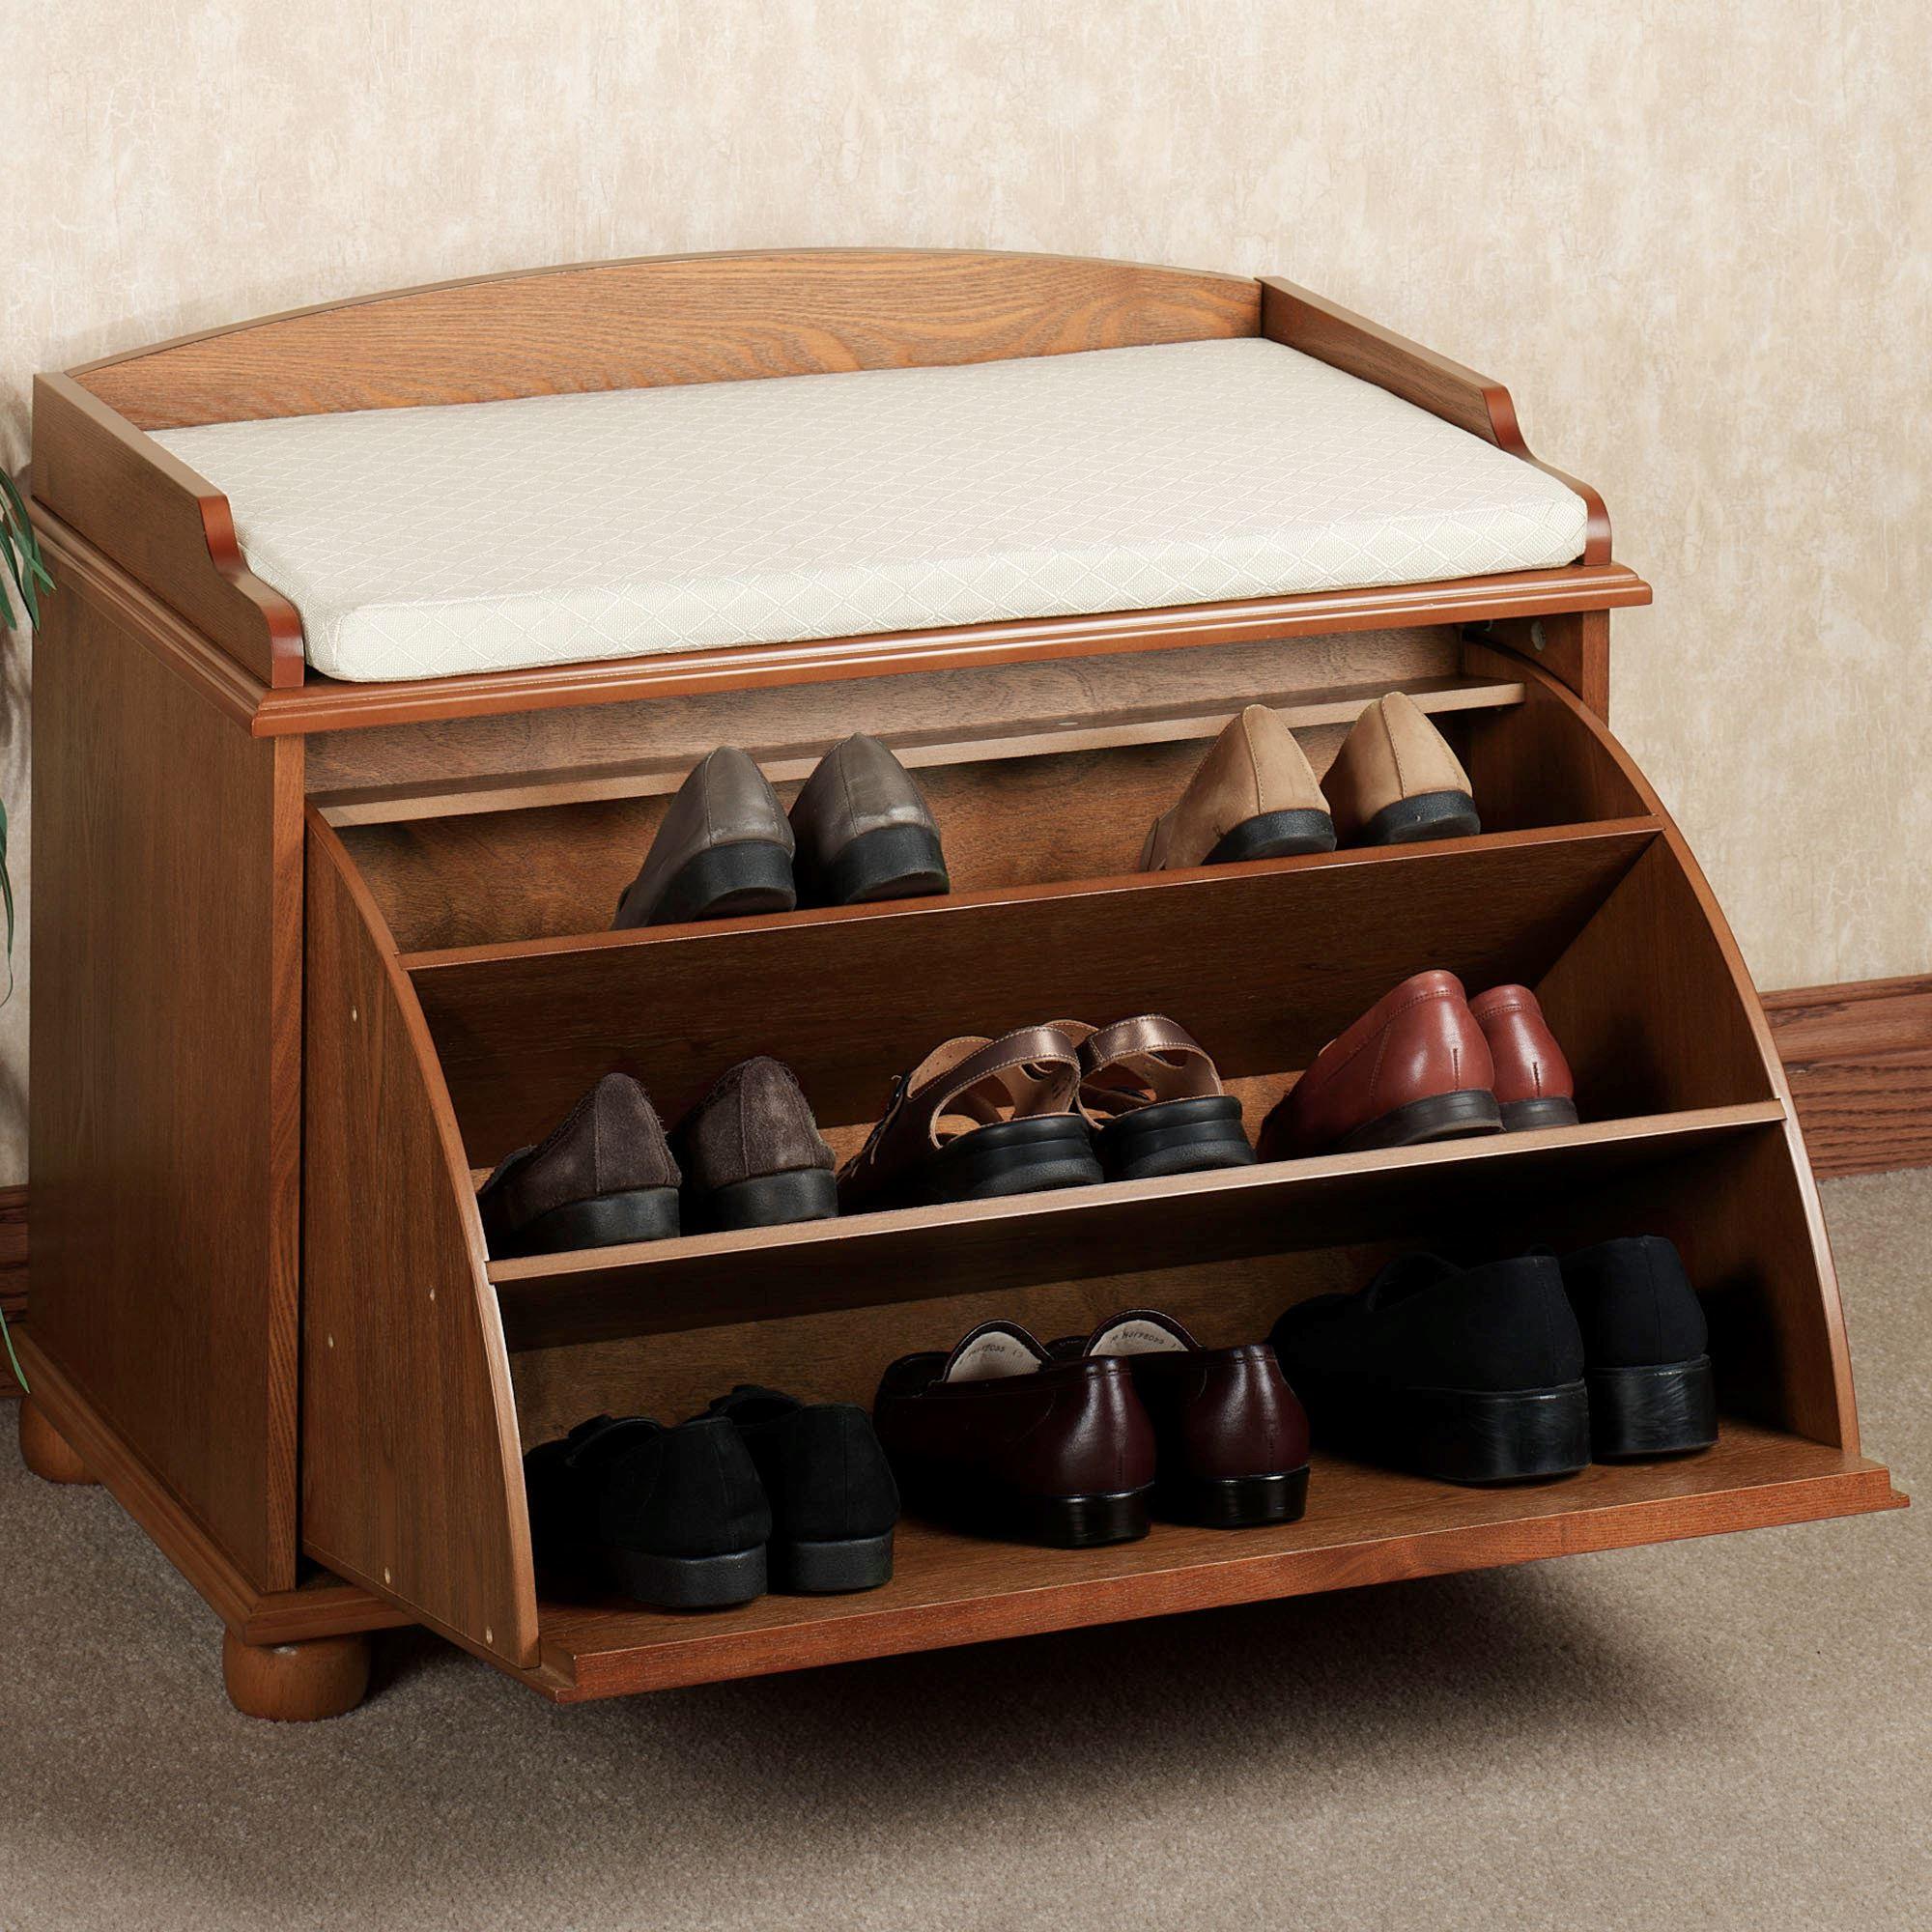 ayden shoe storage bench.  touch DBRSPON to zoom